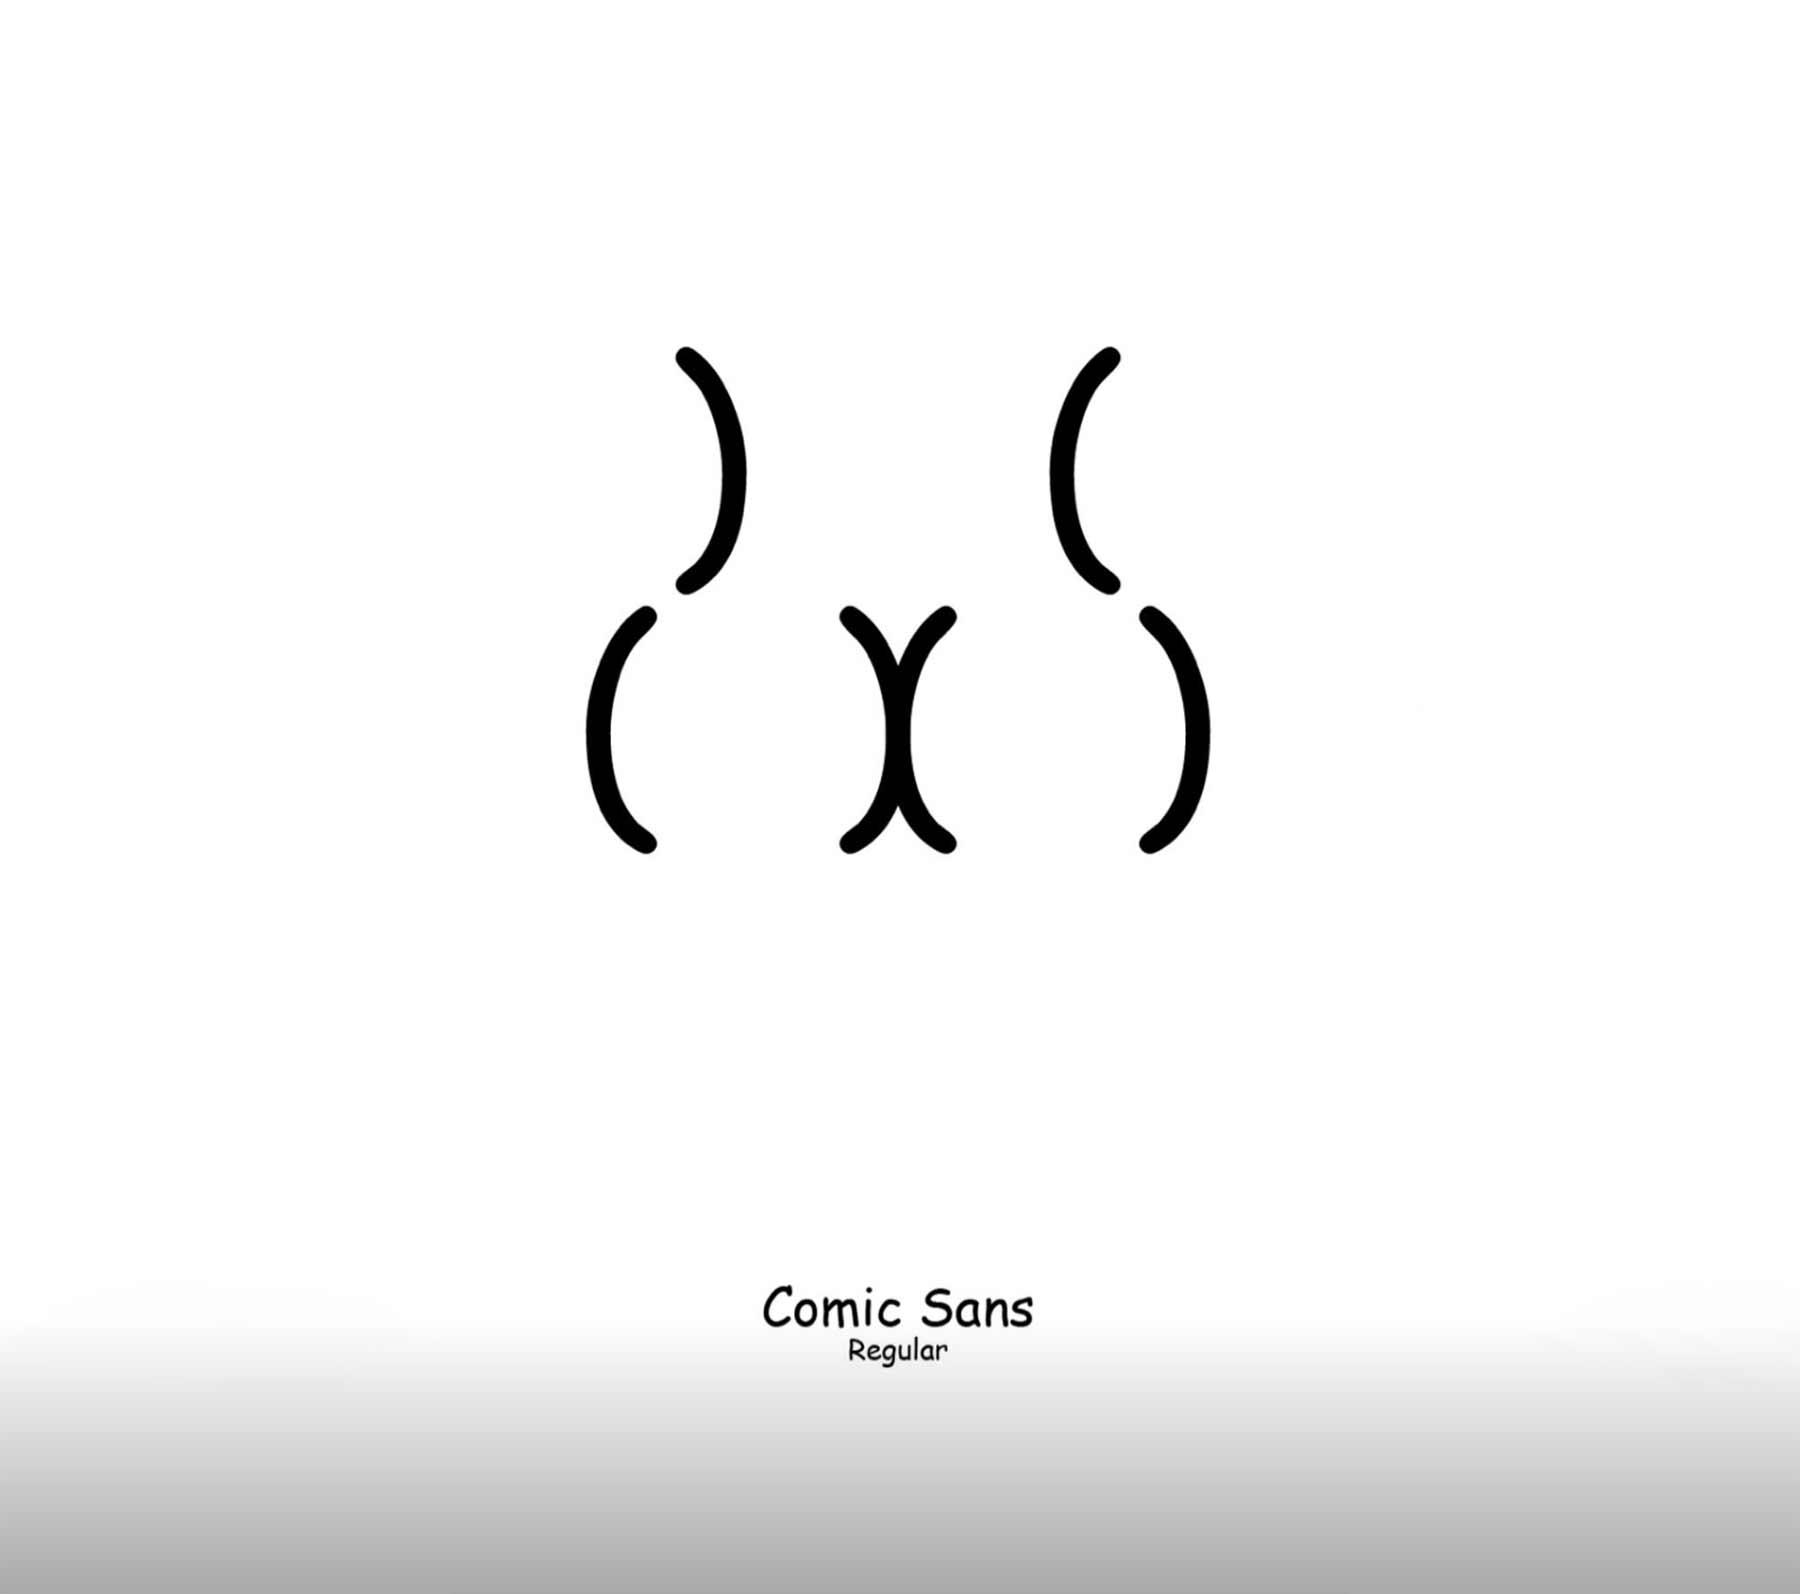 Zeichen-Hintern in unterschiedlichen Schriftarten Viktor-Hertz-butt-types_07